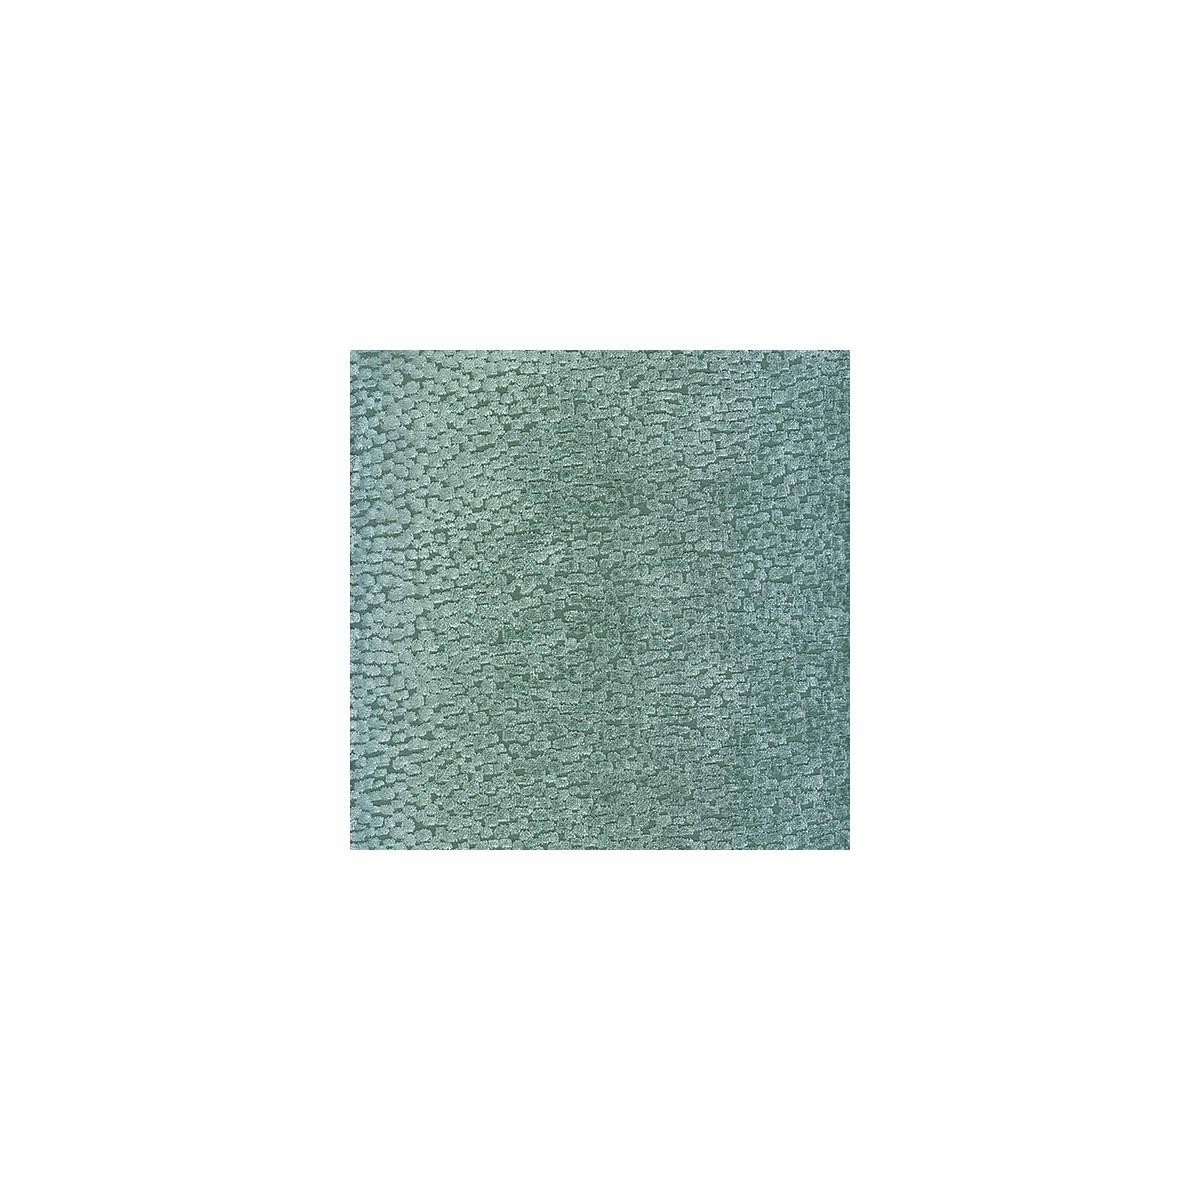 Beroun * - Nordic - Fabric By the Yard